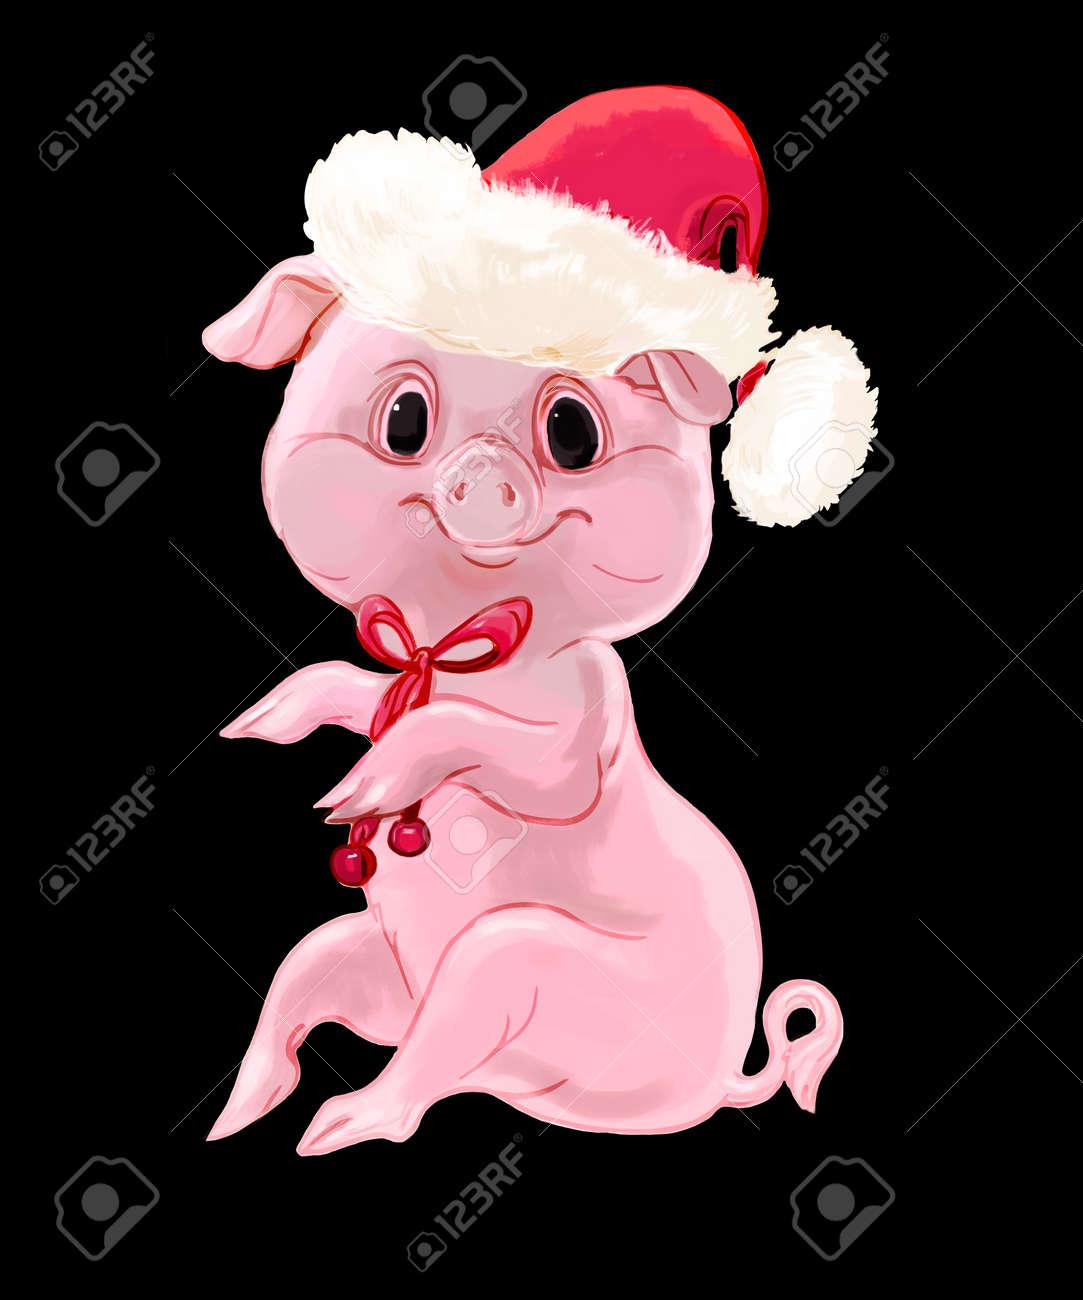 Süße Neujahr Schwein Isoliert Auf Schwarzem Hintergrund Lizenzfreie